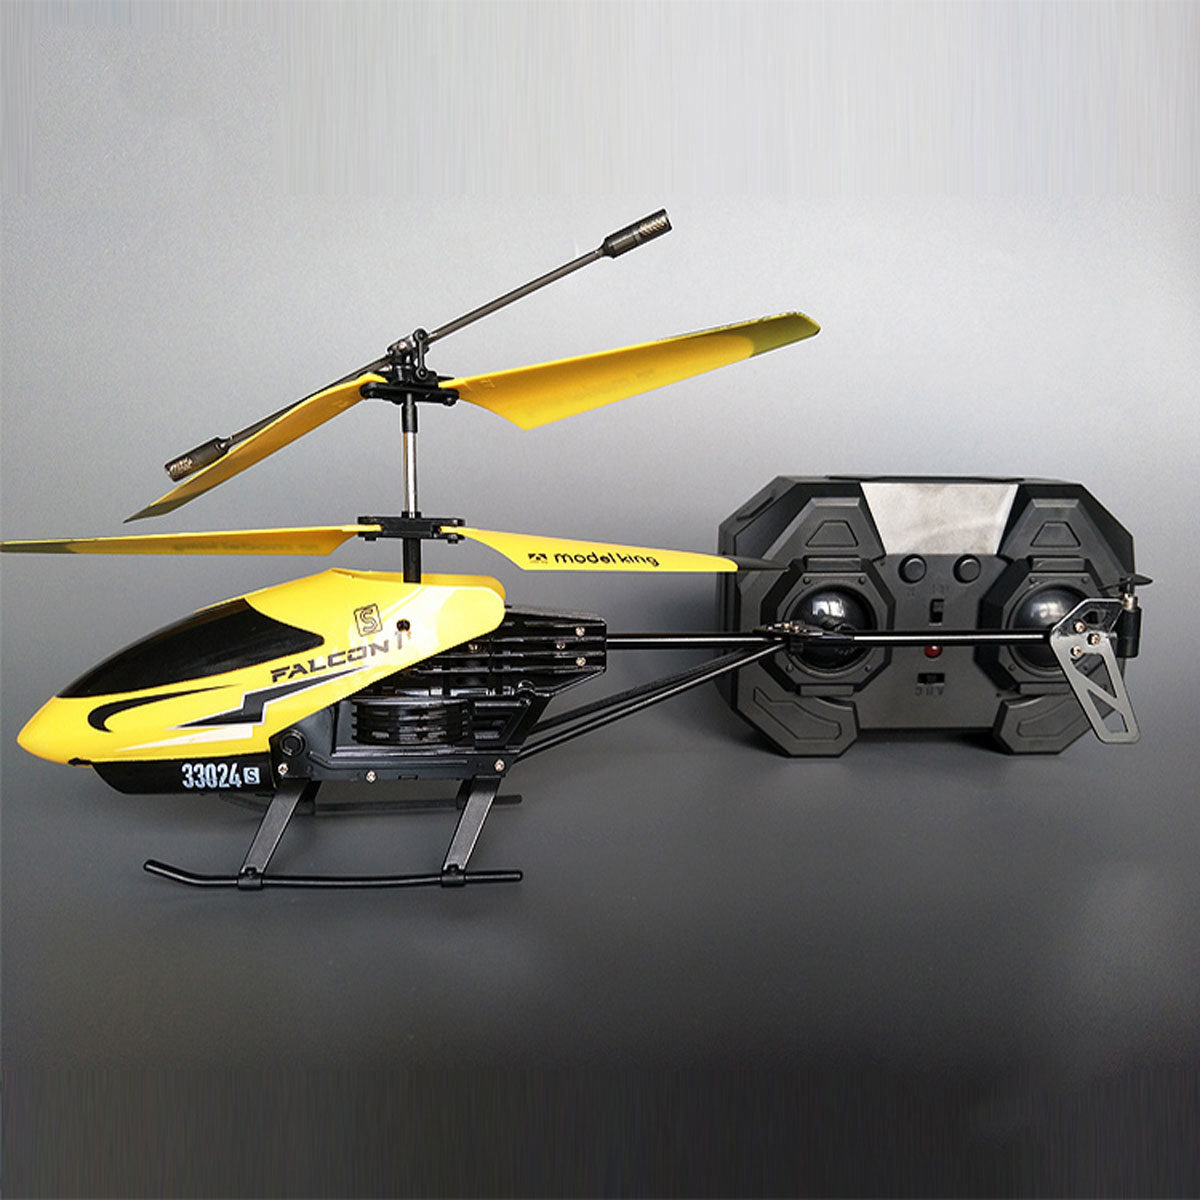 картинки с вертолетами на пульте управления означает